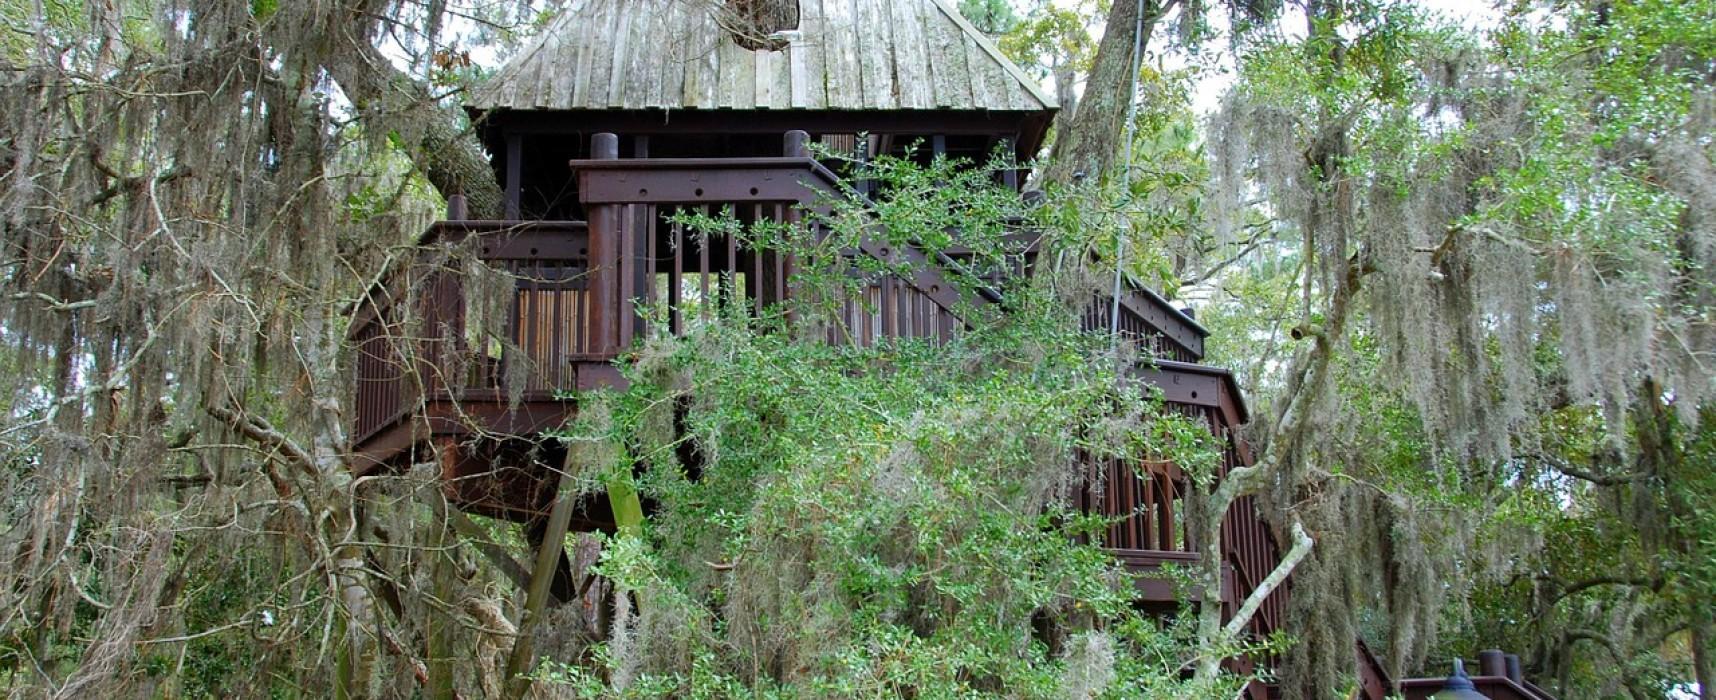 Costruire case sugli alberi con terni festival si pu - Costruire case sugli alberi ...